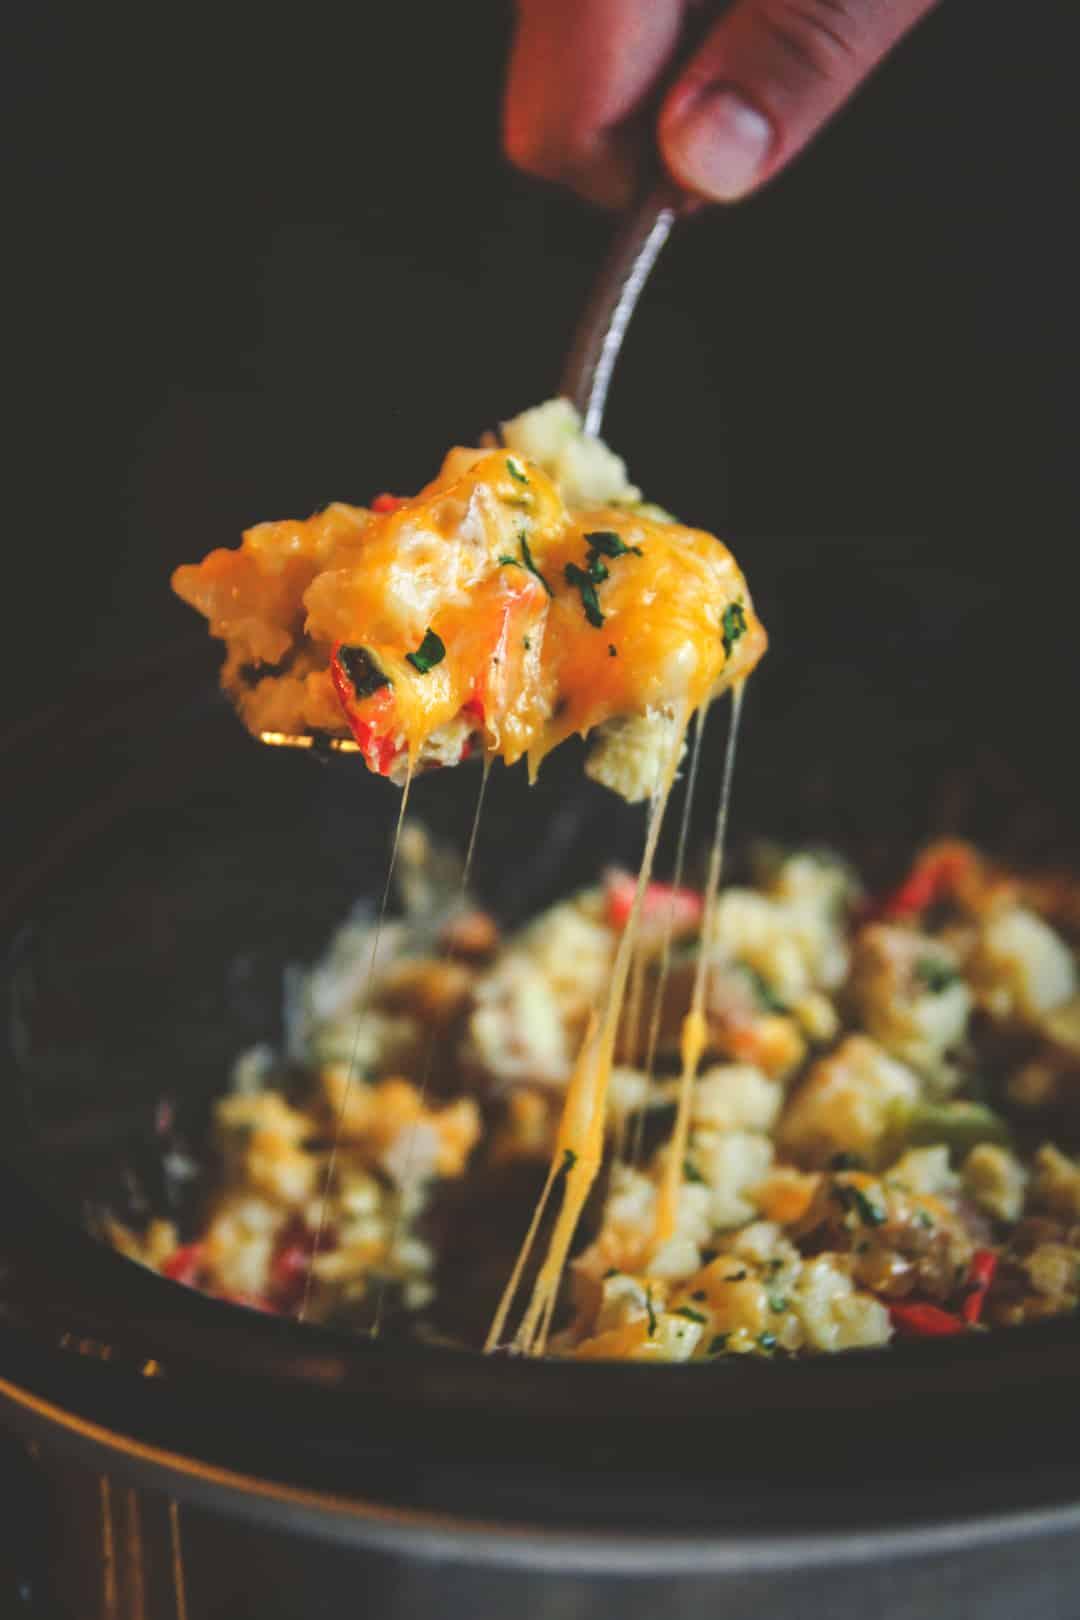 Healthy slow cooker breakfast casserole - overnight breakfast casserole